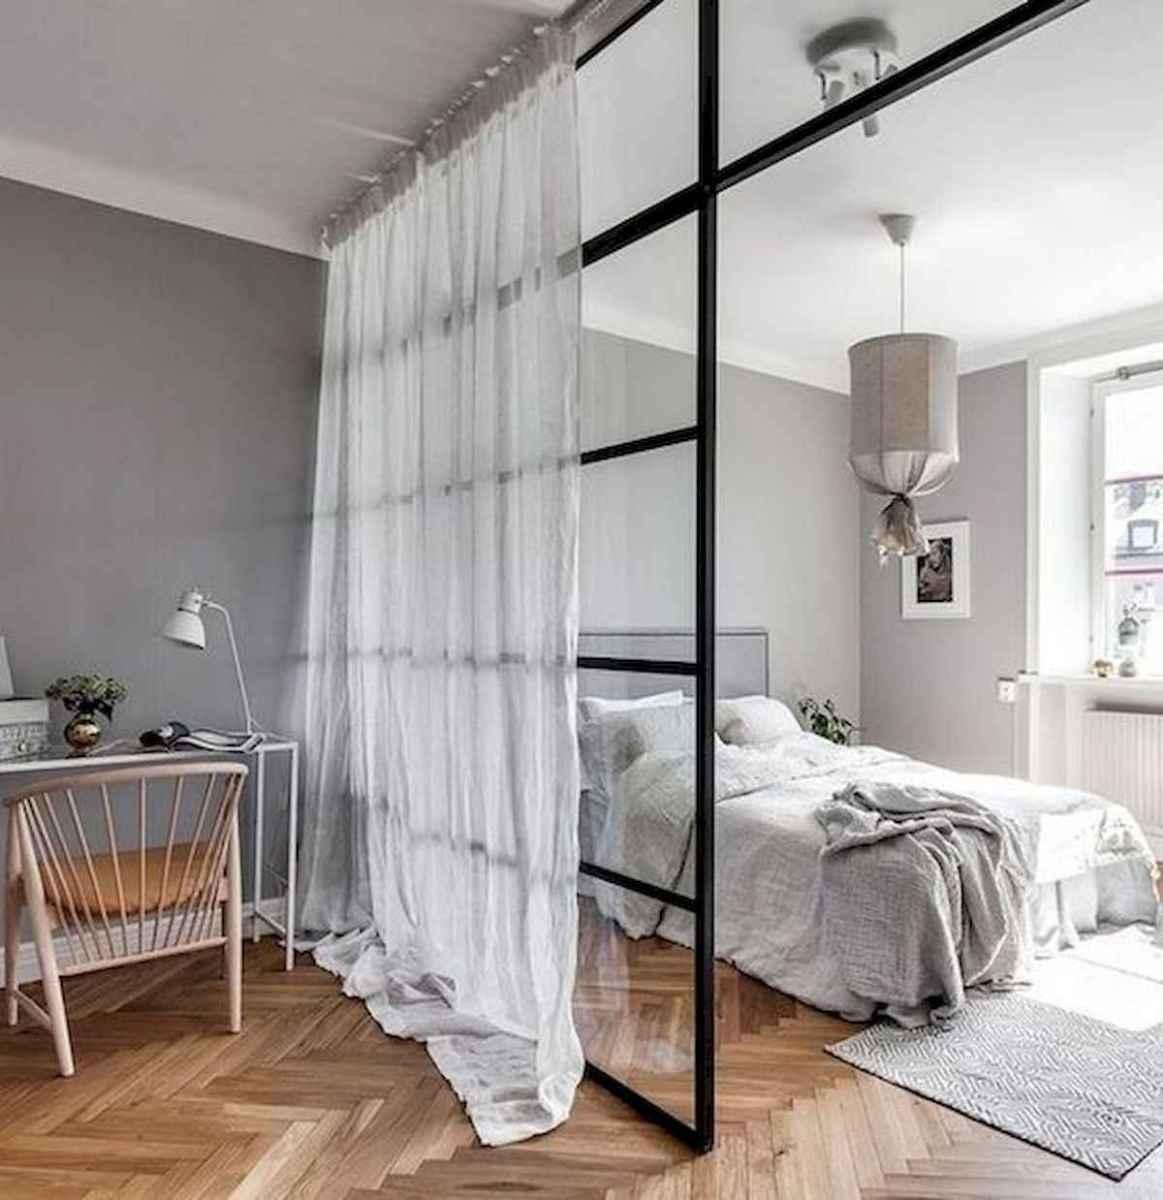 40 Favorite Studio Apartment Room Dividers Curtains Design Ideas and Decor (17)